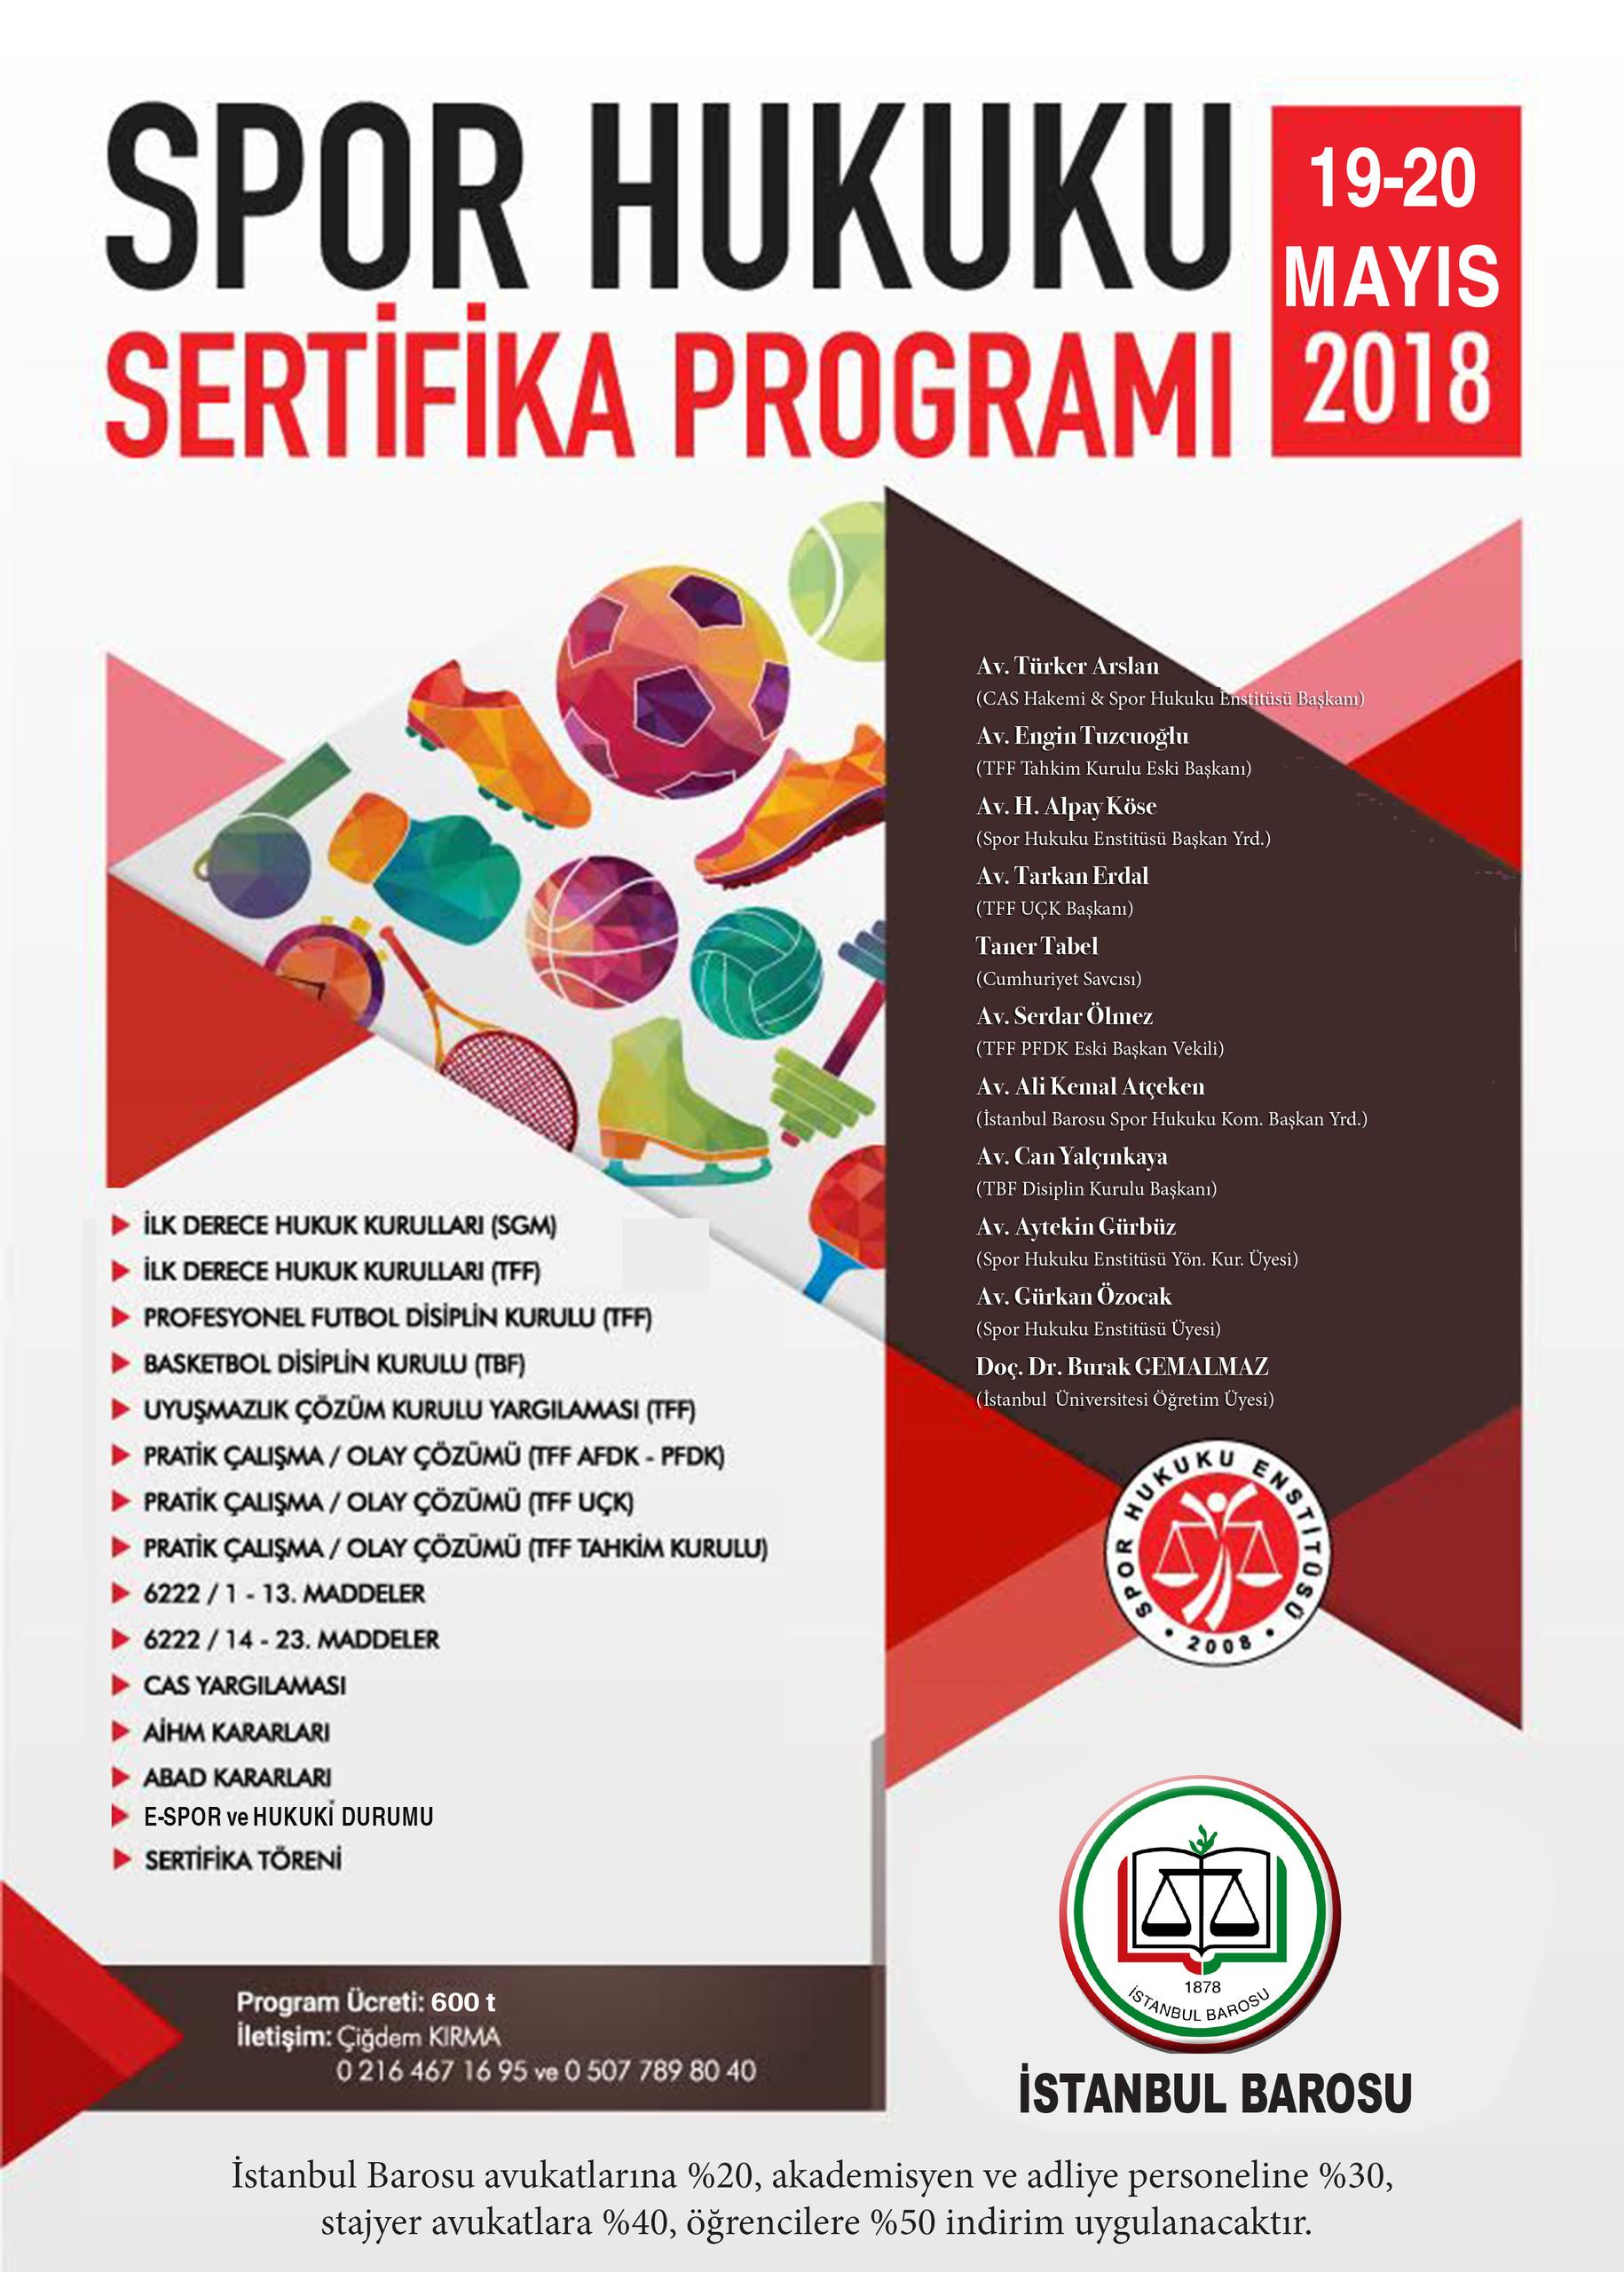 Spor Hukuku Sertifika Programı